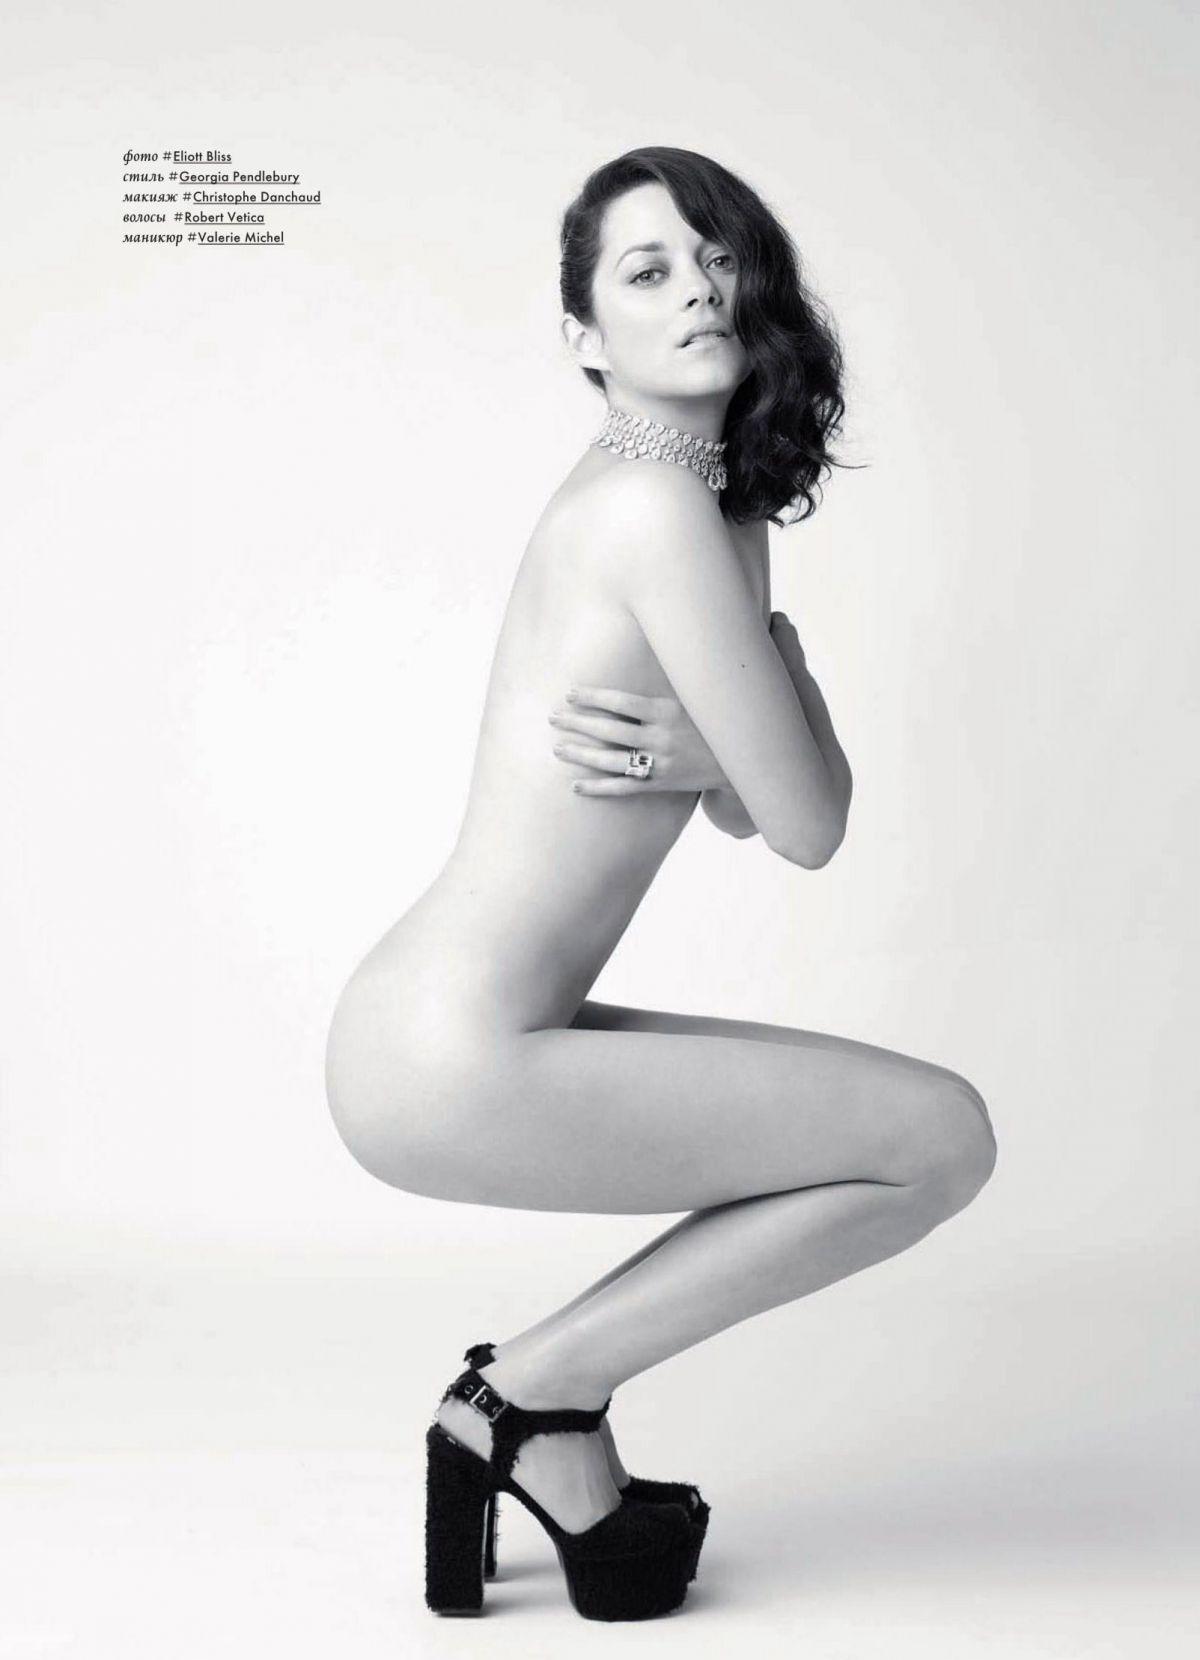 Marion Cotillard nuda in una foto pubblicata dal magazine russo SNC